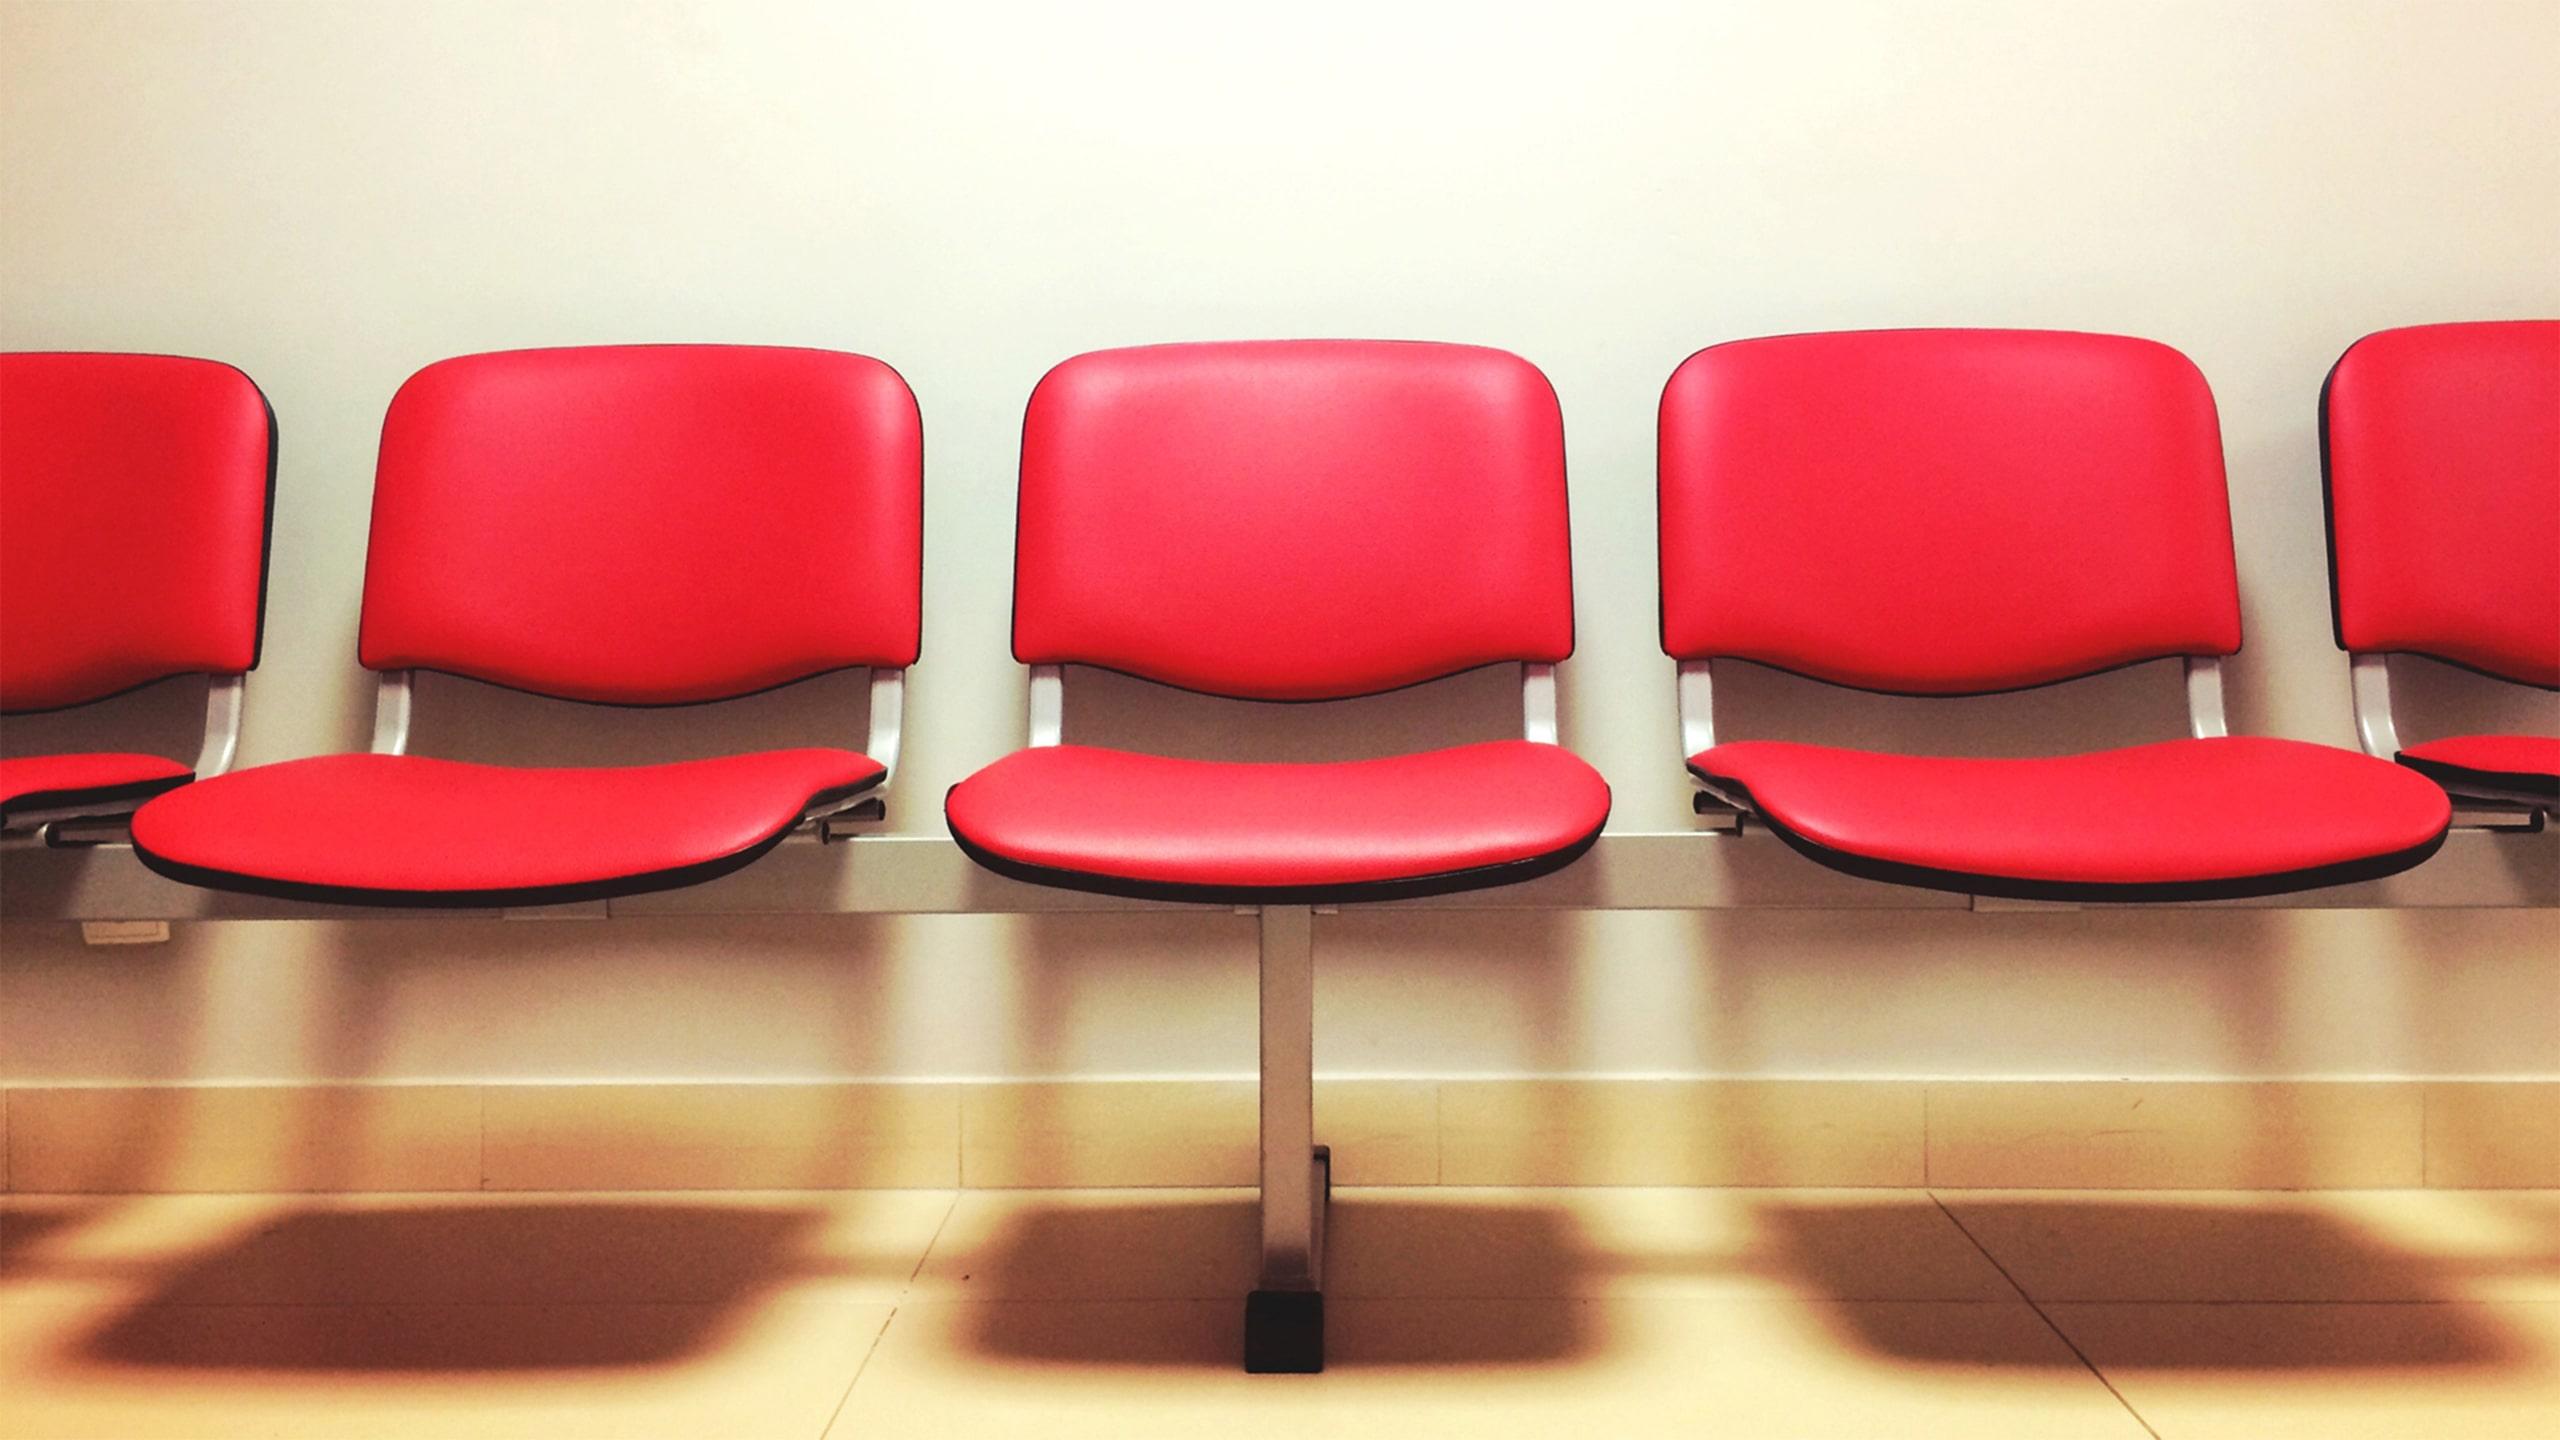 Rode stoelen in een wachtruimte in de zorg